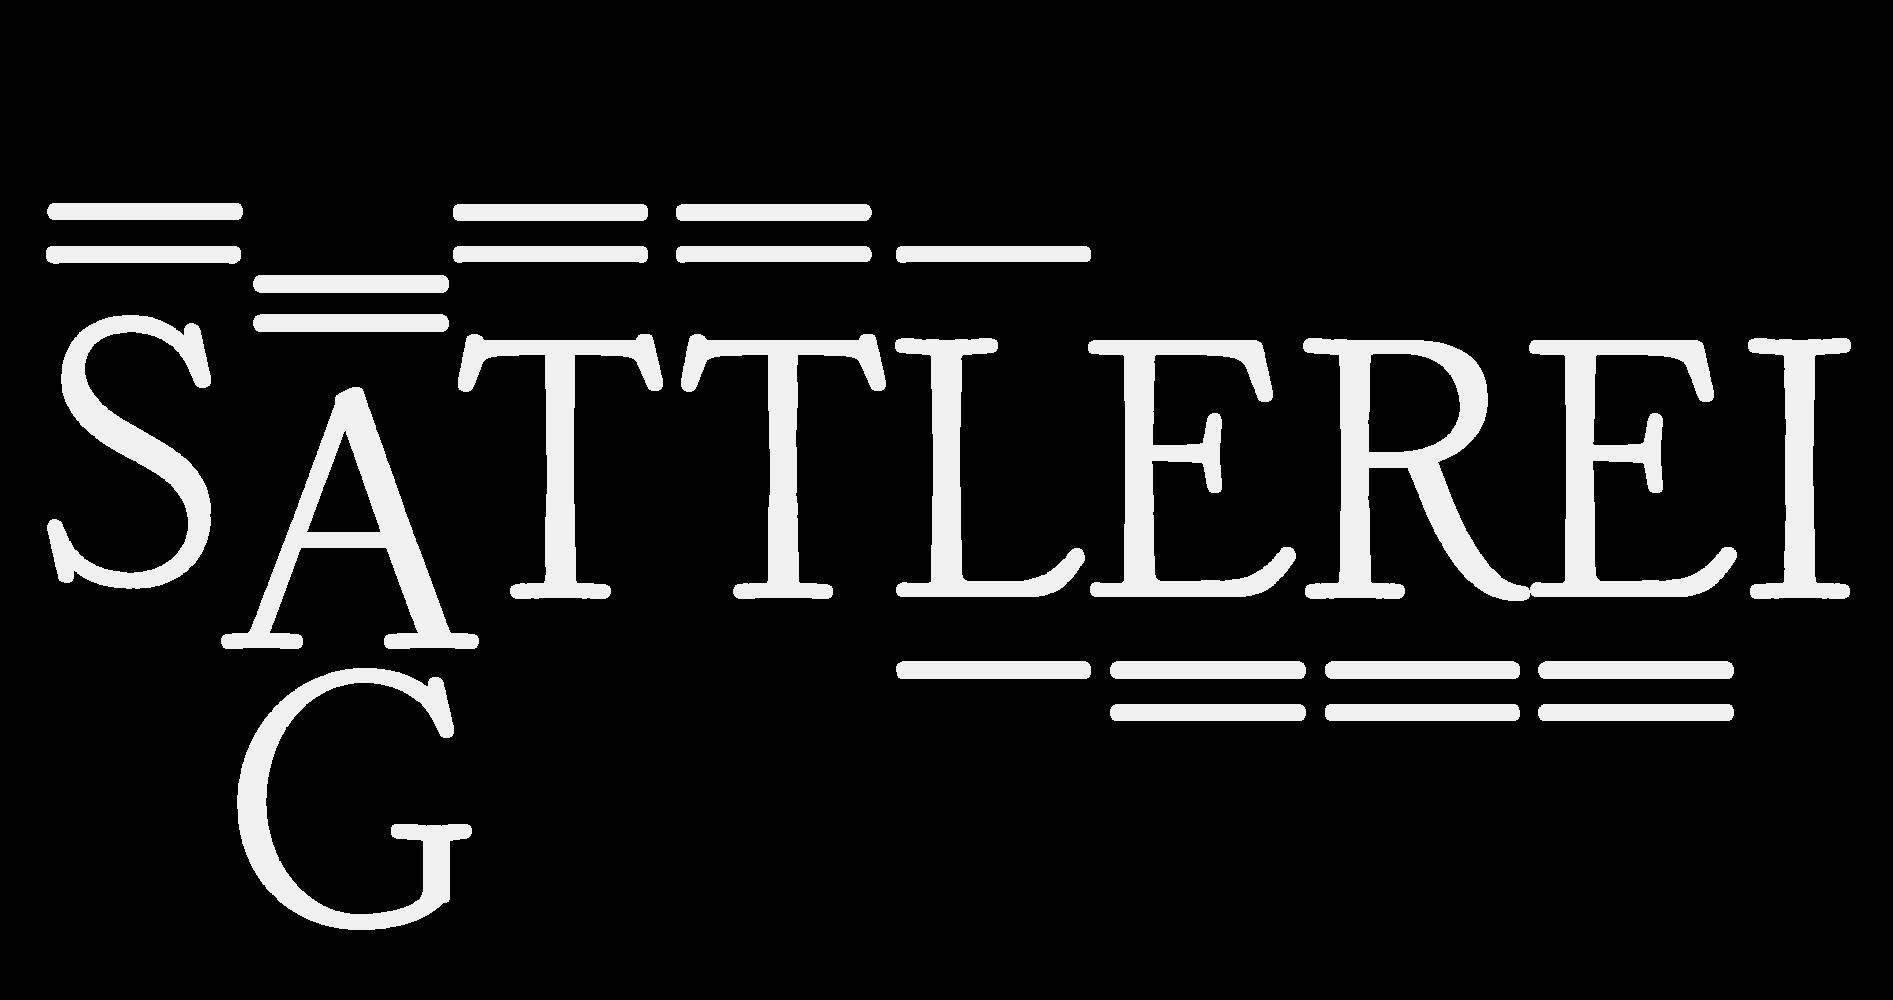 Sattlerei - Polsterei - Näherei